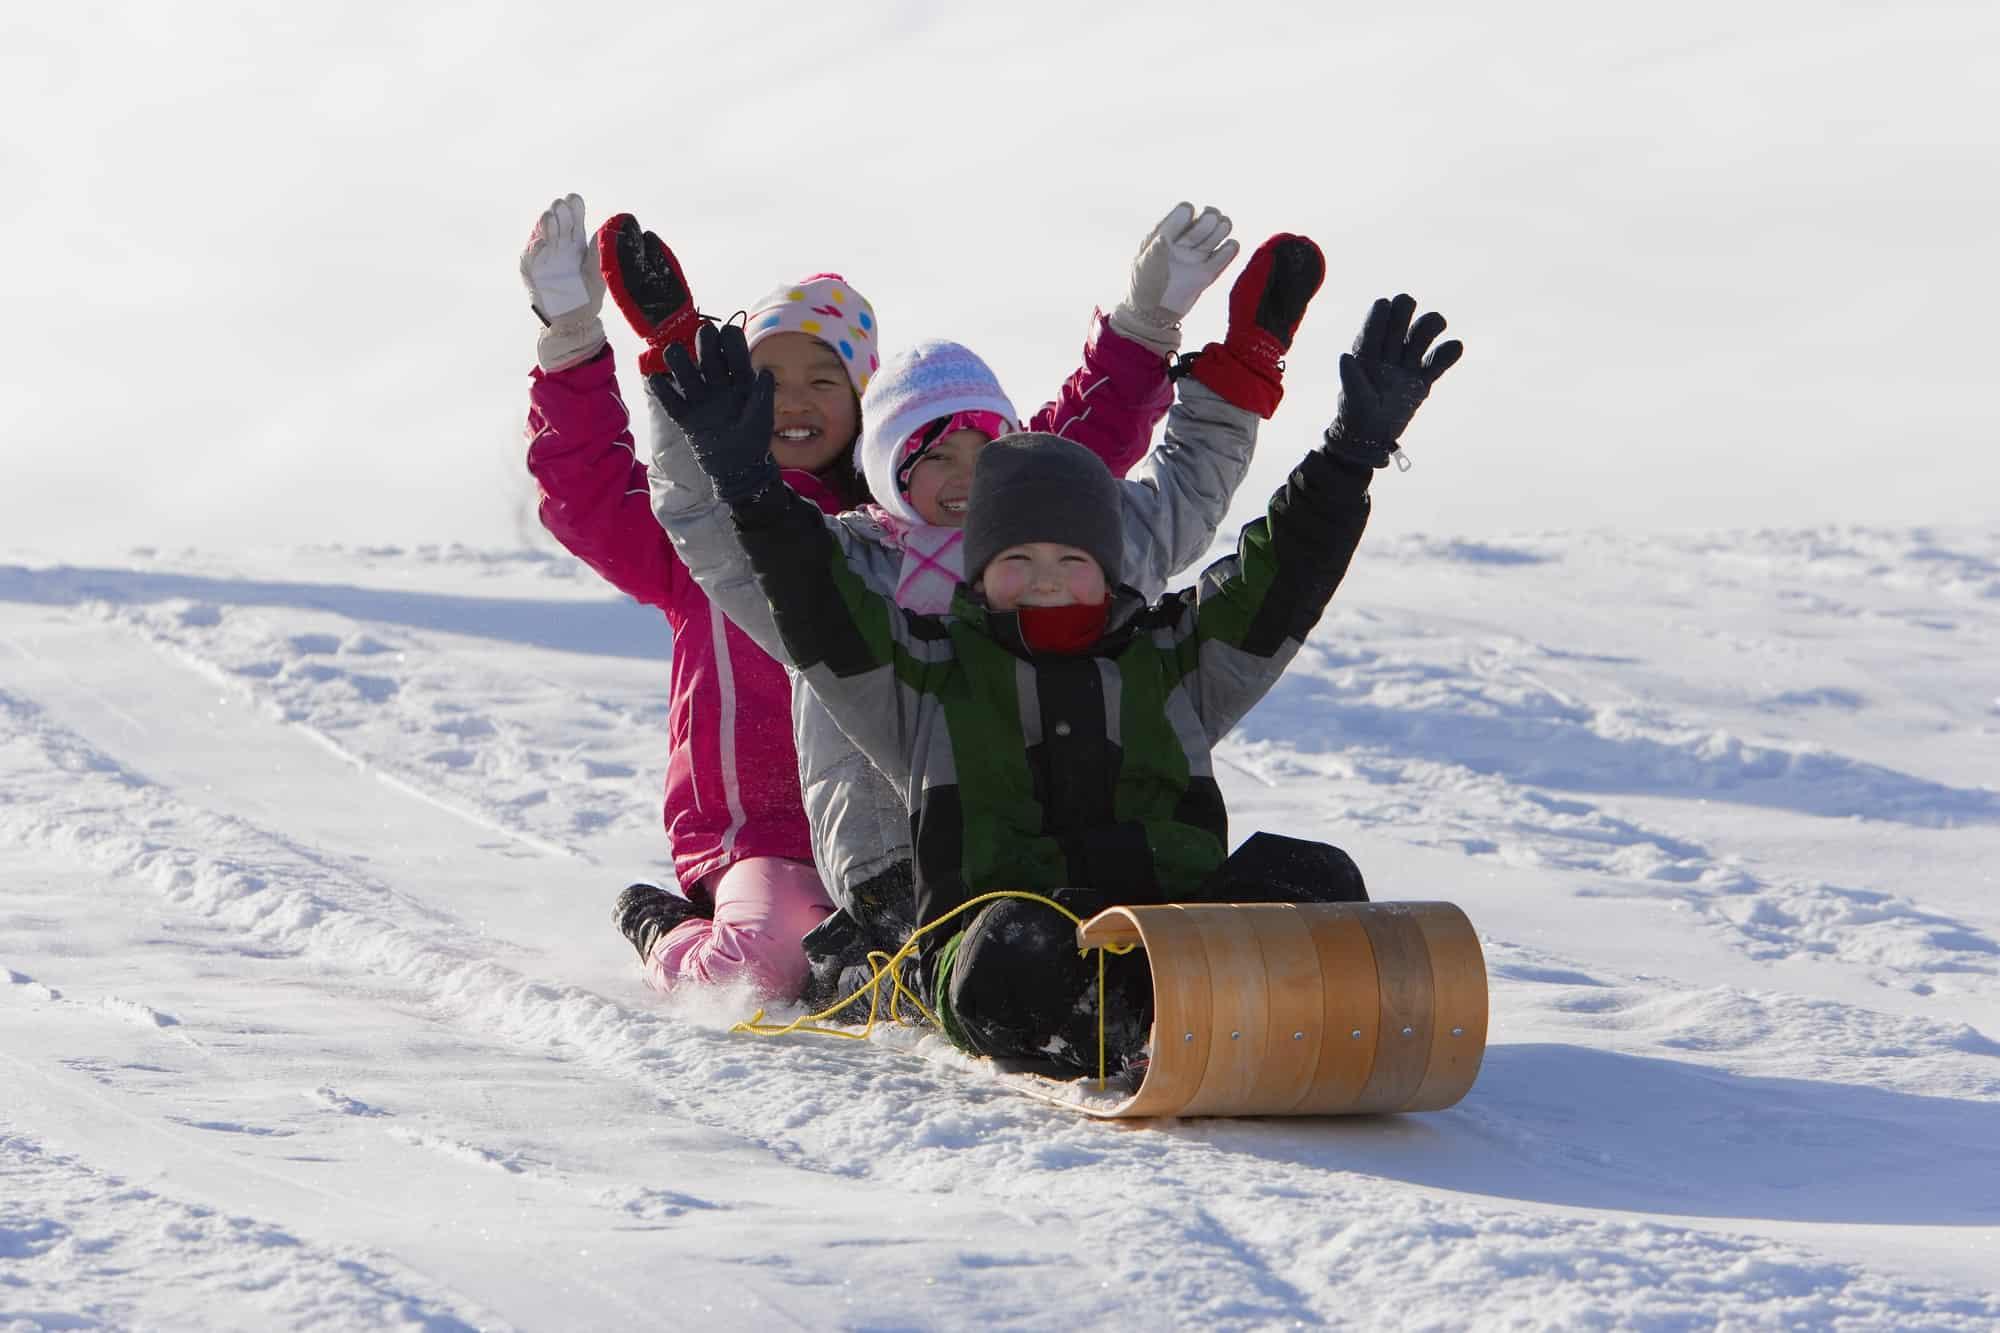 Happy kids tobogganing